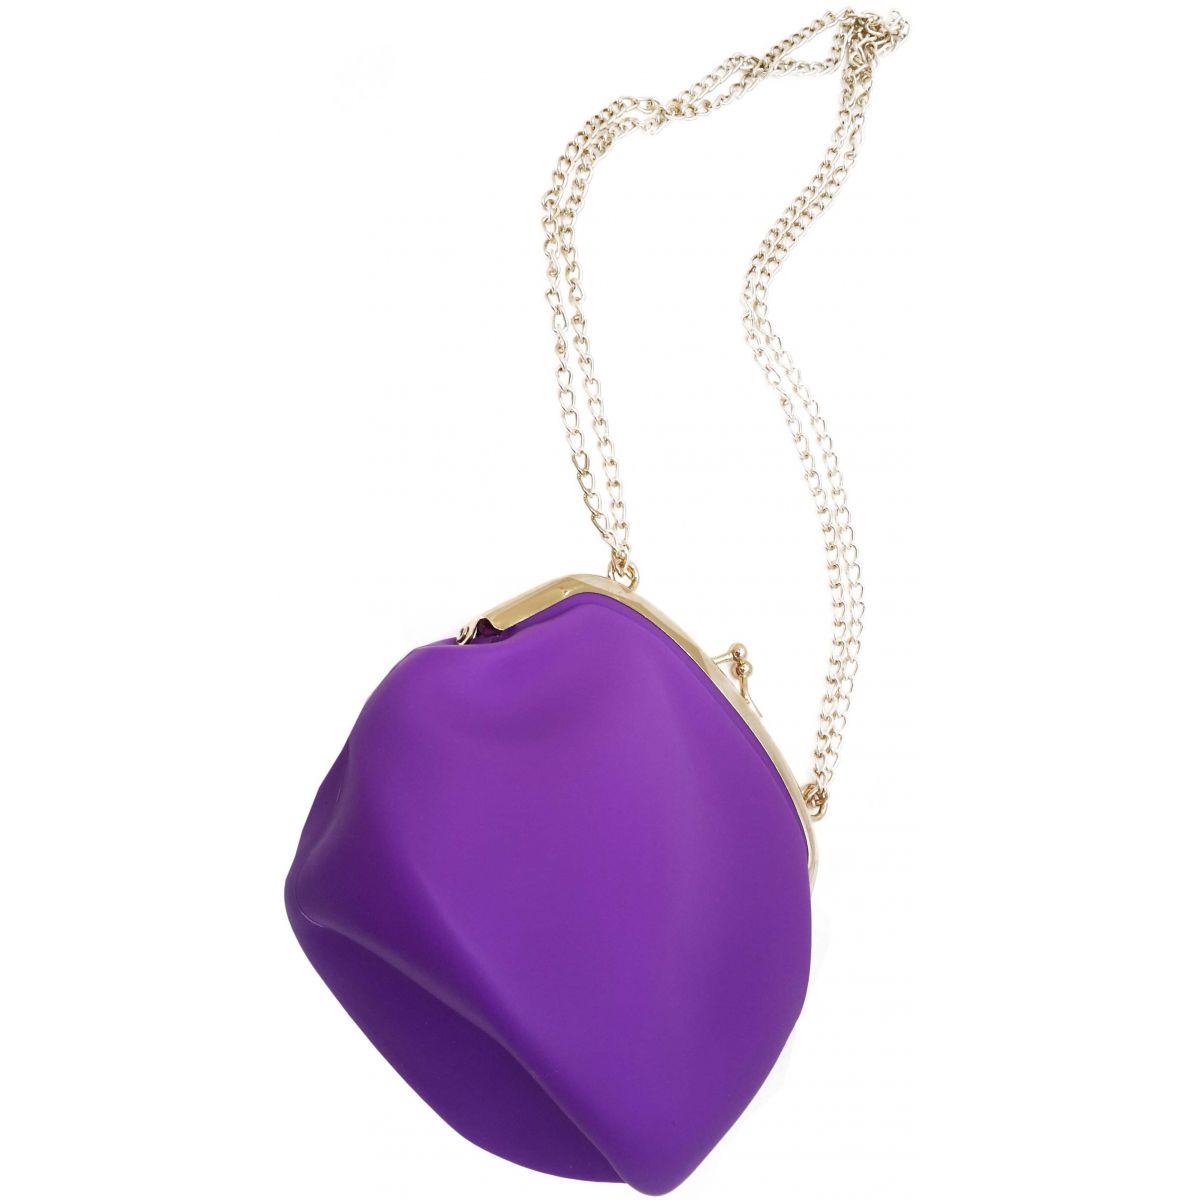 Bolsa Dourada Com Corrente : Bolsa silicone tiracolo vintage roxa com corrente dourada